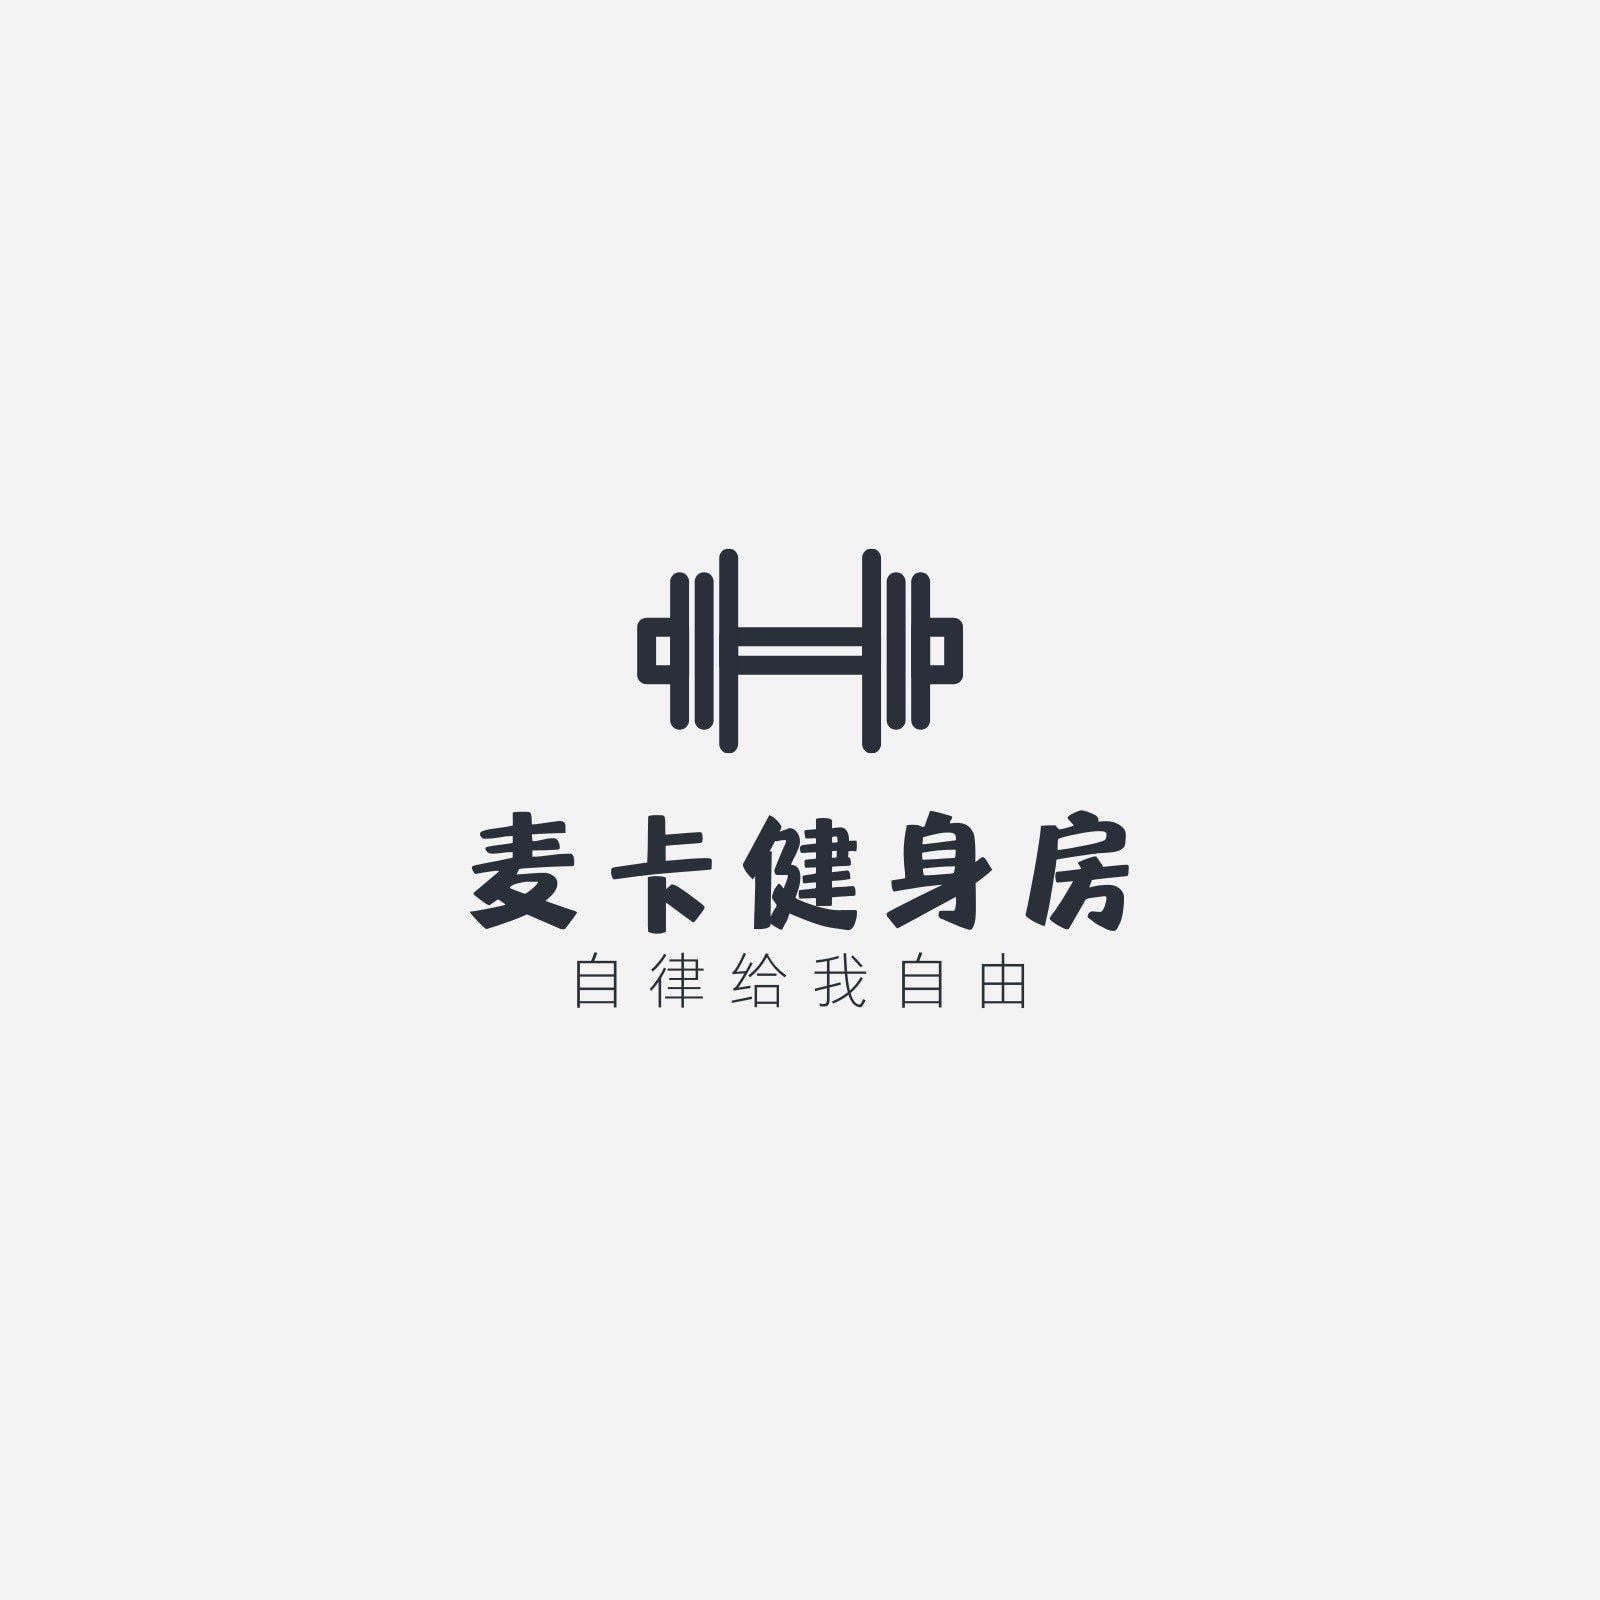 黑色线条哑铃运动品牌logo创意运动健身中文logo